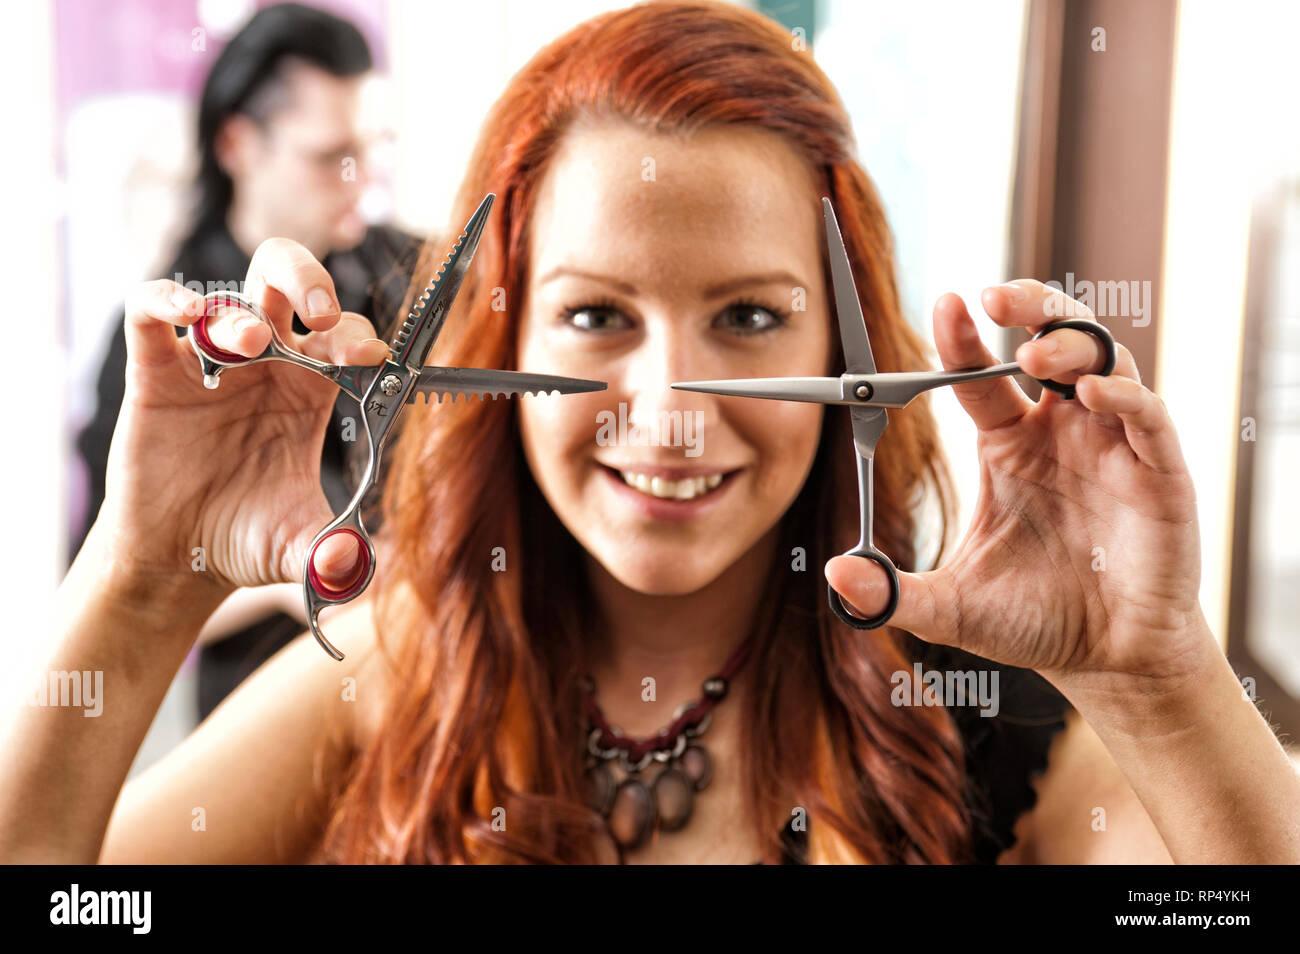 Junge rothaarige Friseurmeisterin posiert mit Scheren vor sich fuer ein Foto. Im Hintergrund arbeitet ihr schwarz haariger Lehrling [(c) Dirk A. Fried - Stock Image